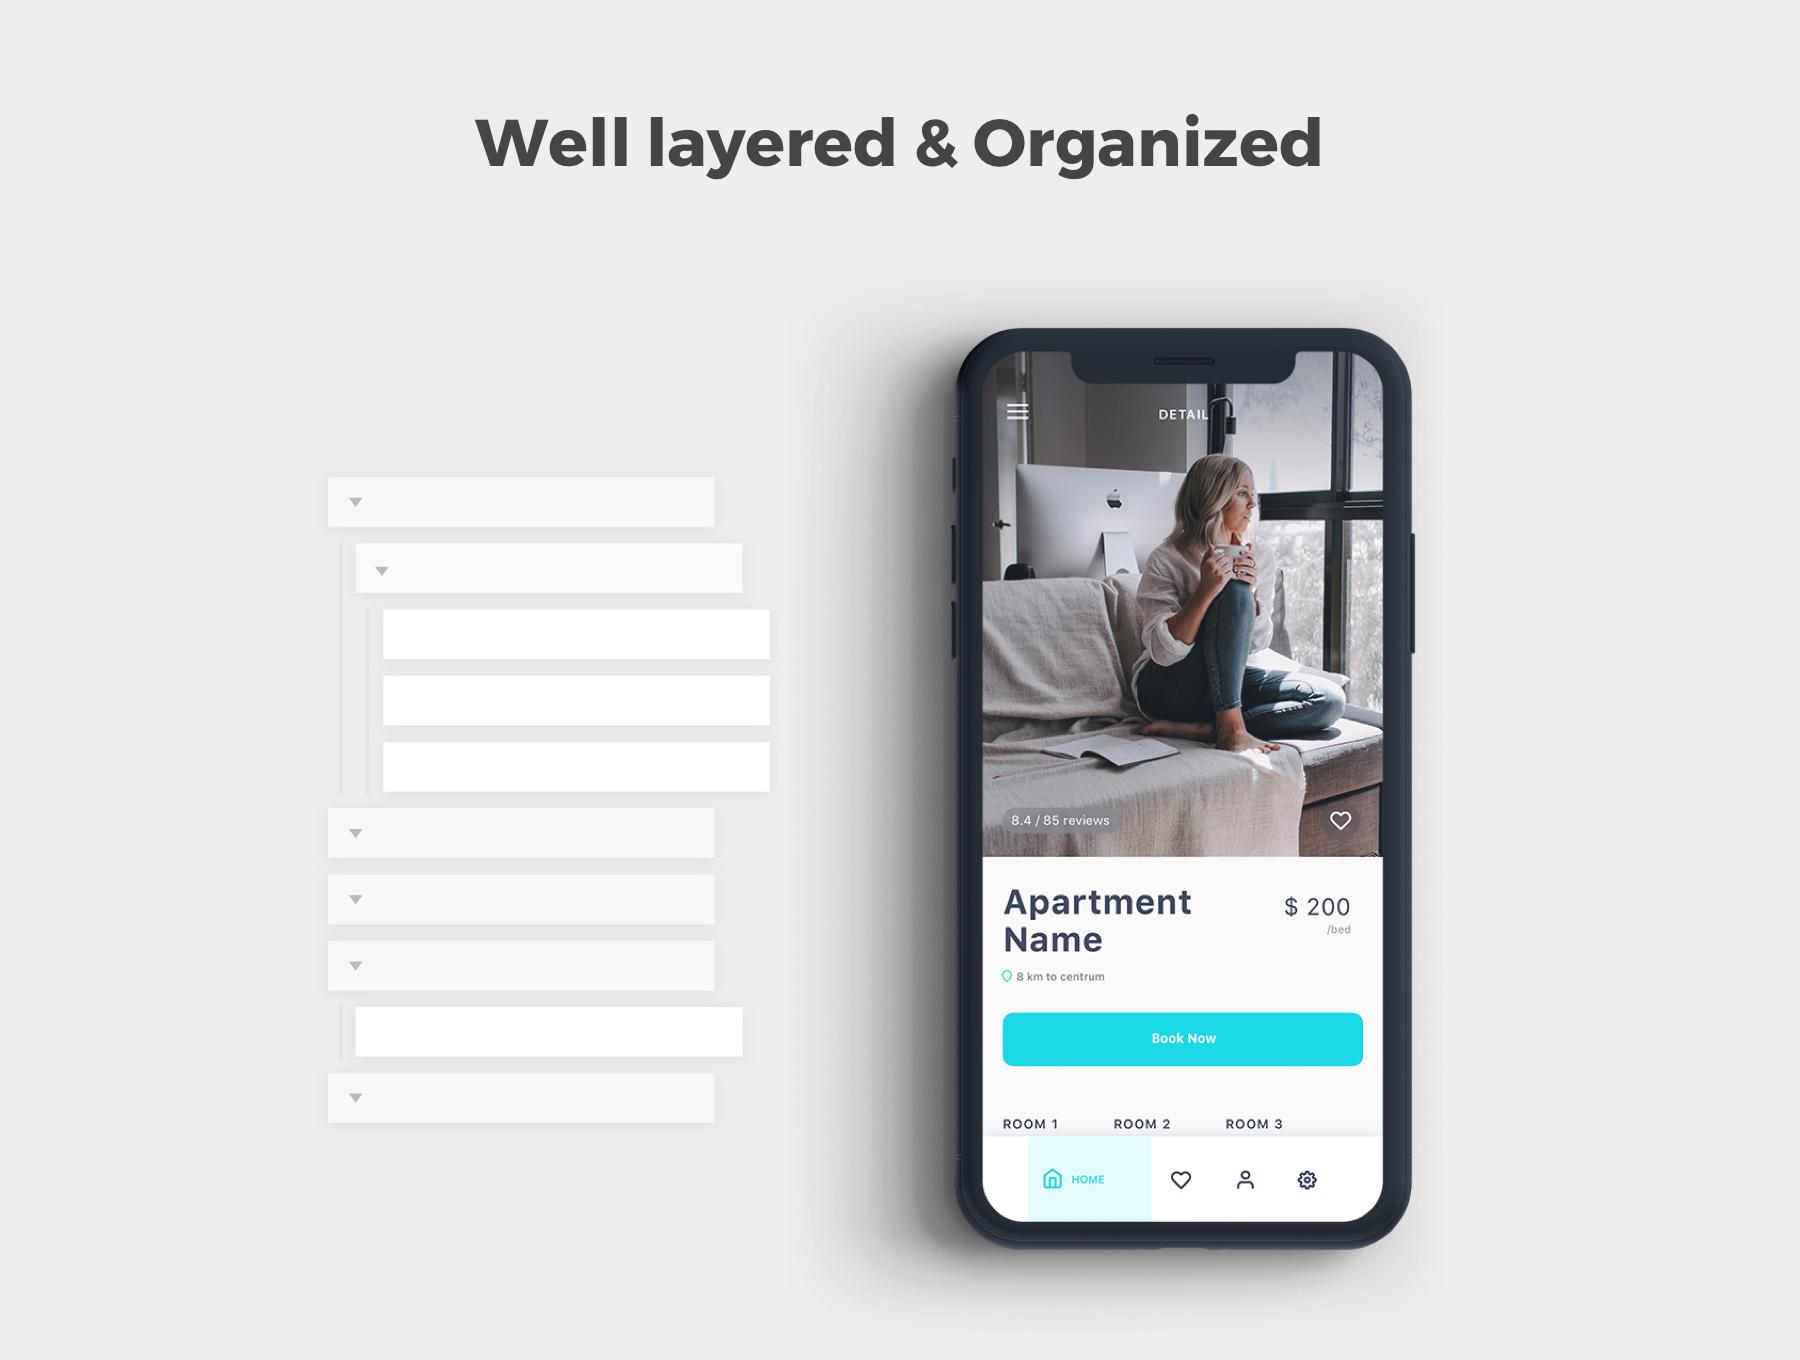 酒店预定APP应用程序UI界面设计套件 Roomate iOS UI Kit插图(2)